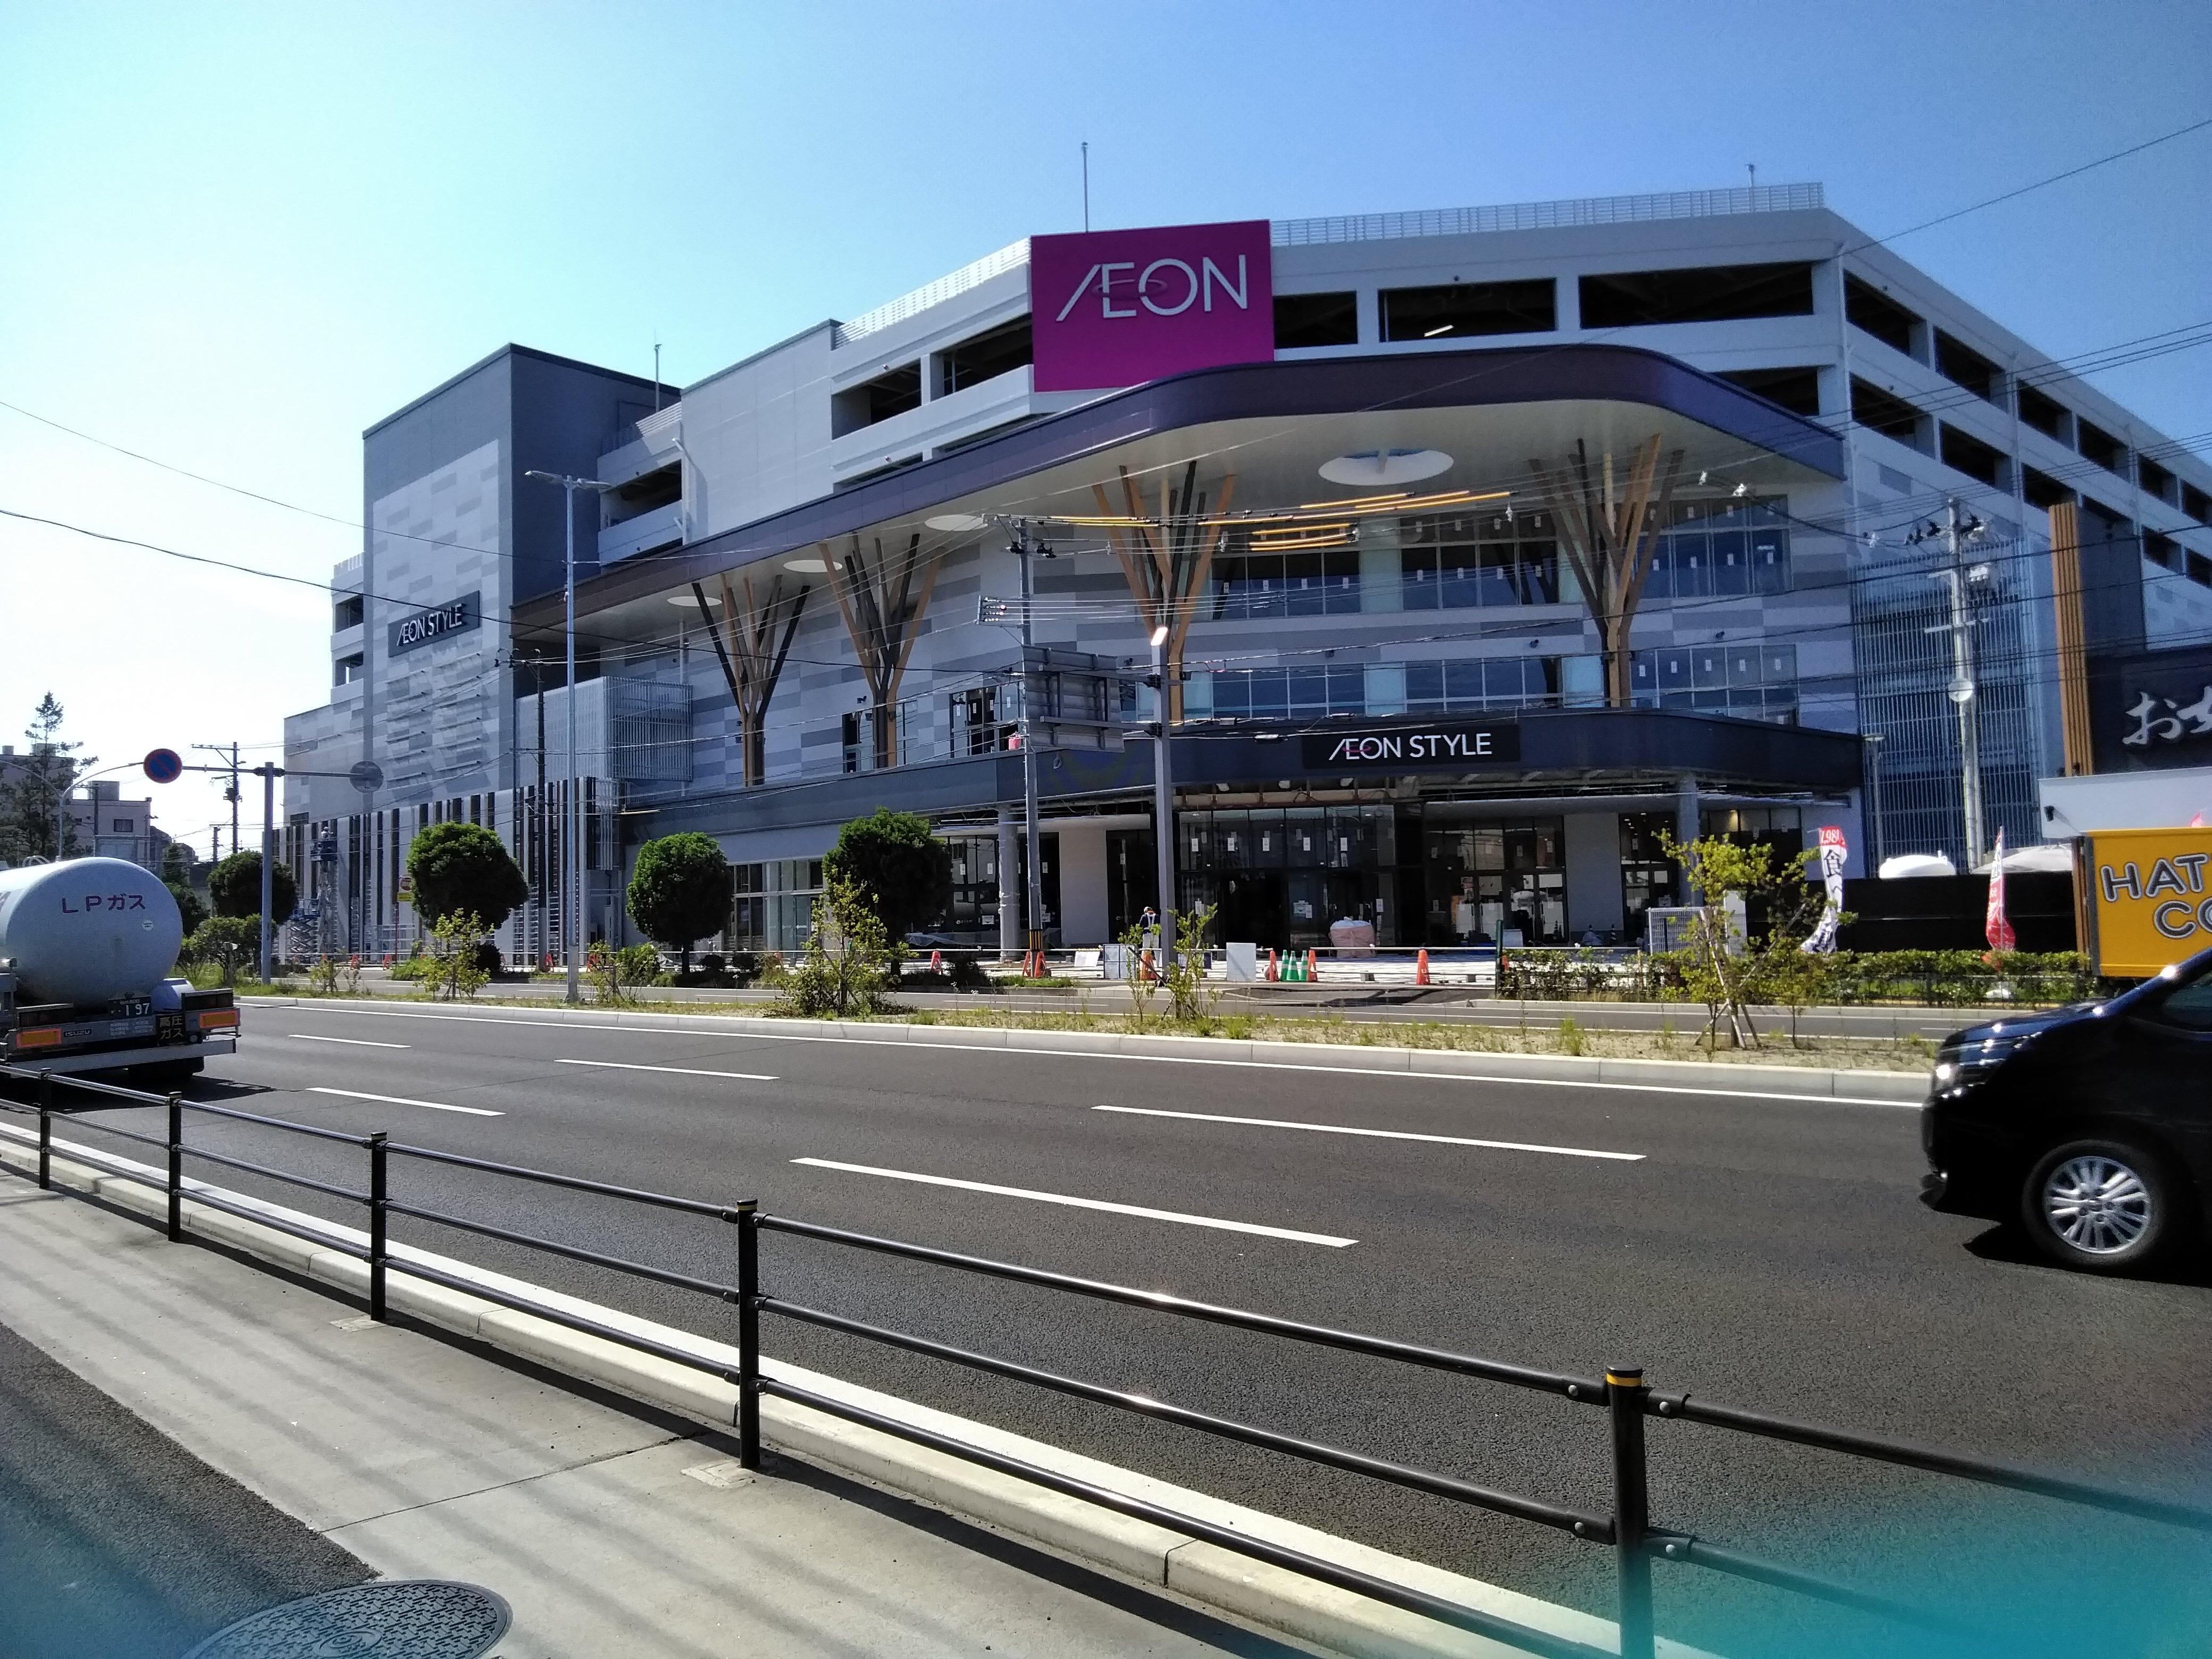 イオンスタイル仙台卸町!東北/宮城初出店の飲食5店を調べてみた!